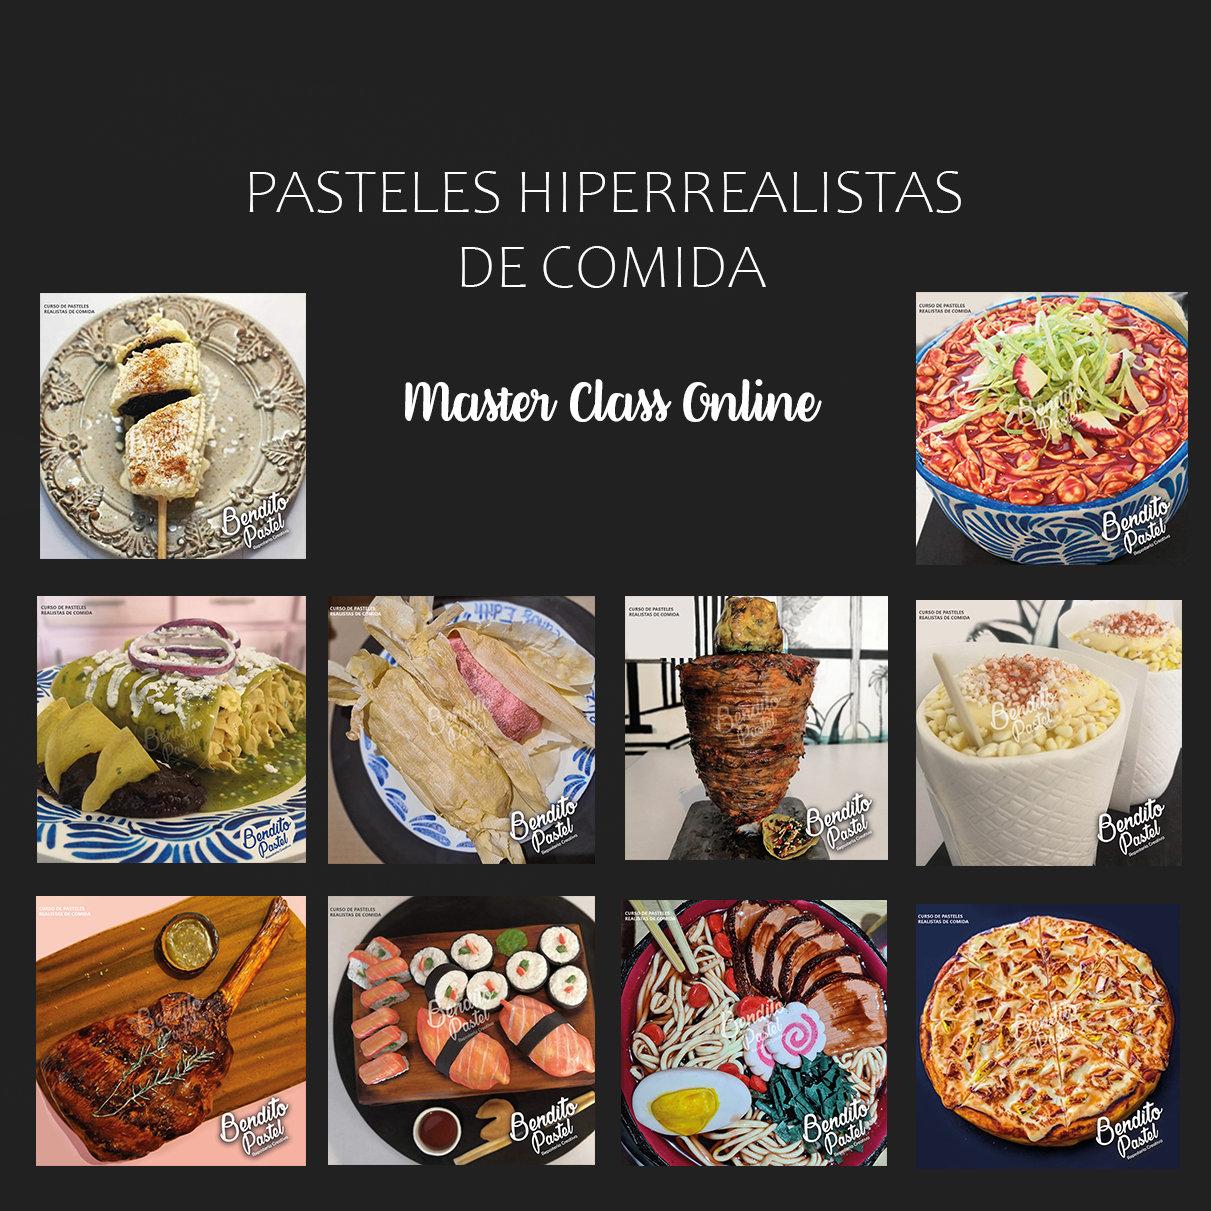 Pasteles Hiperrealistas de comida